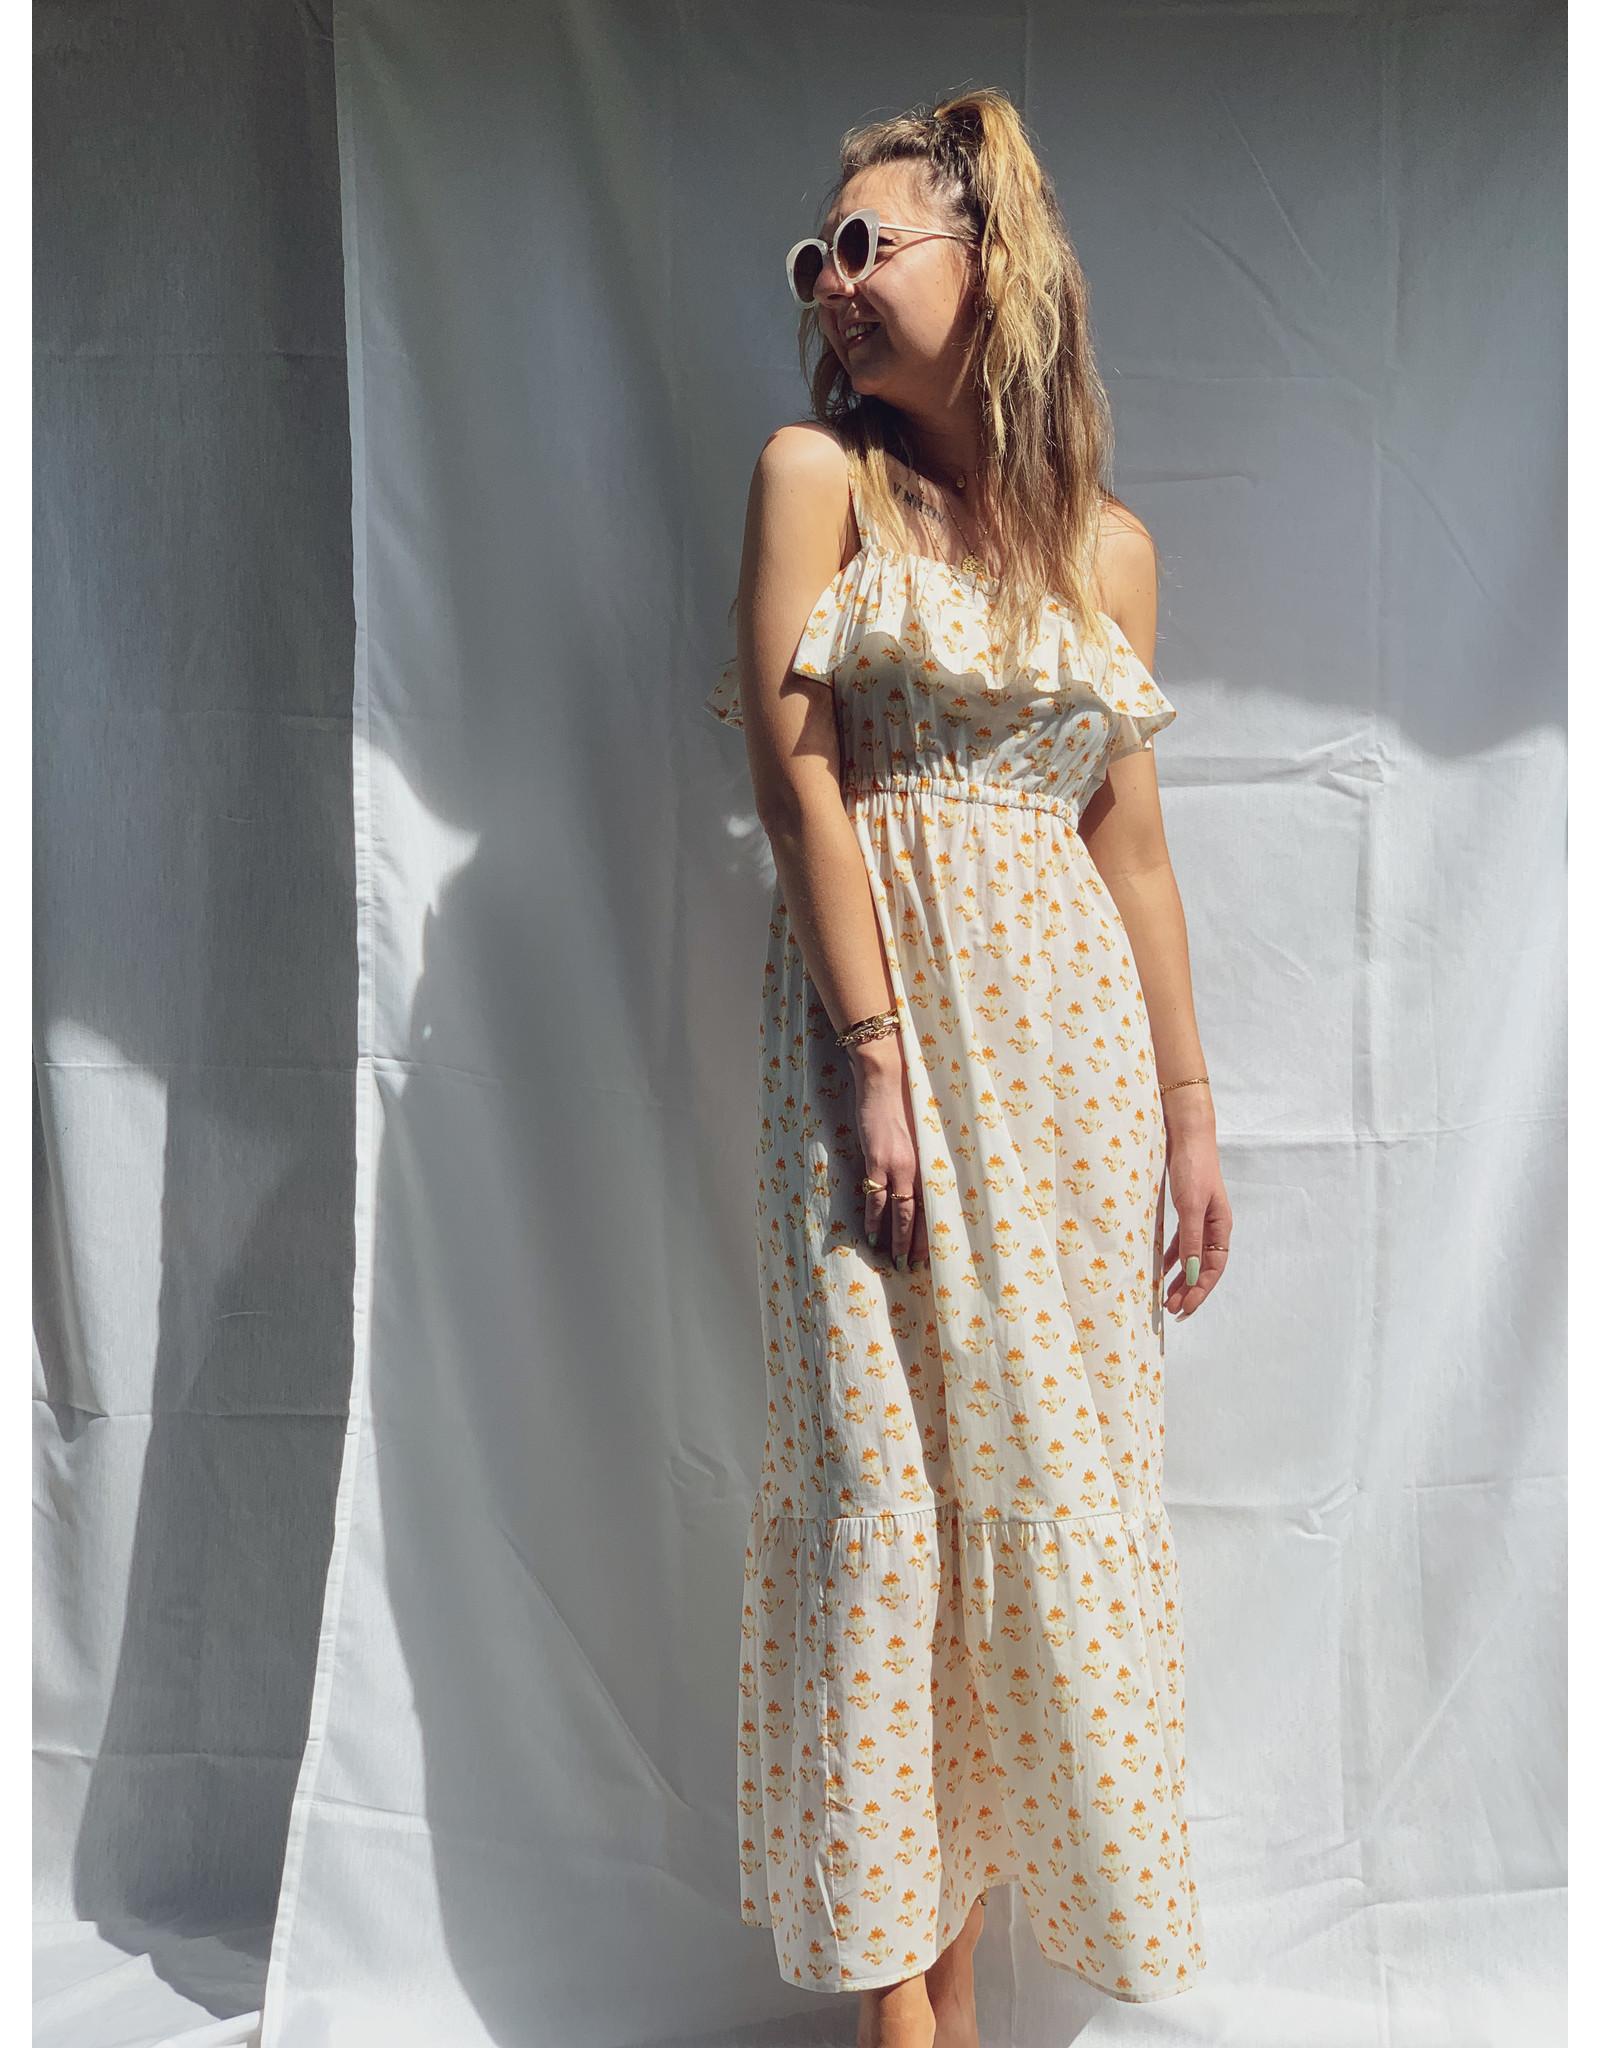 Napels Dress